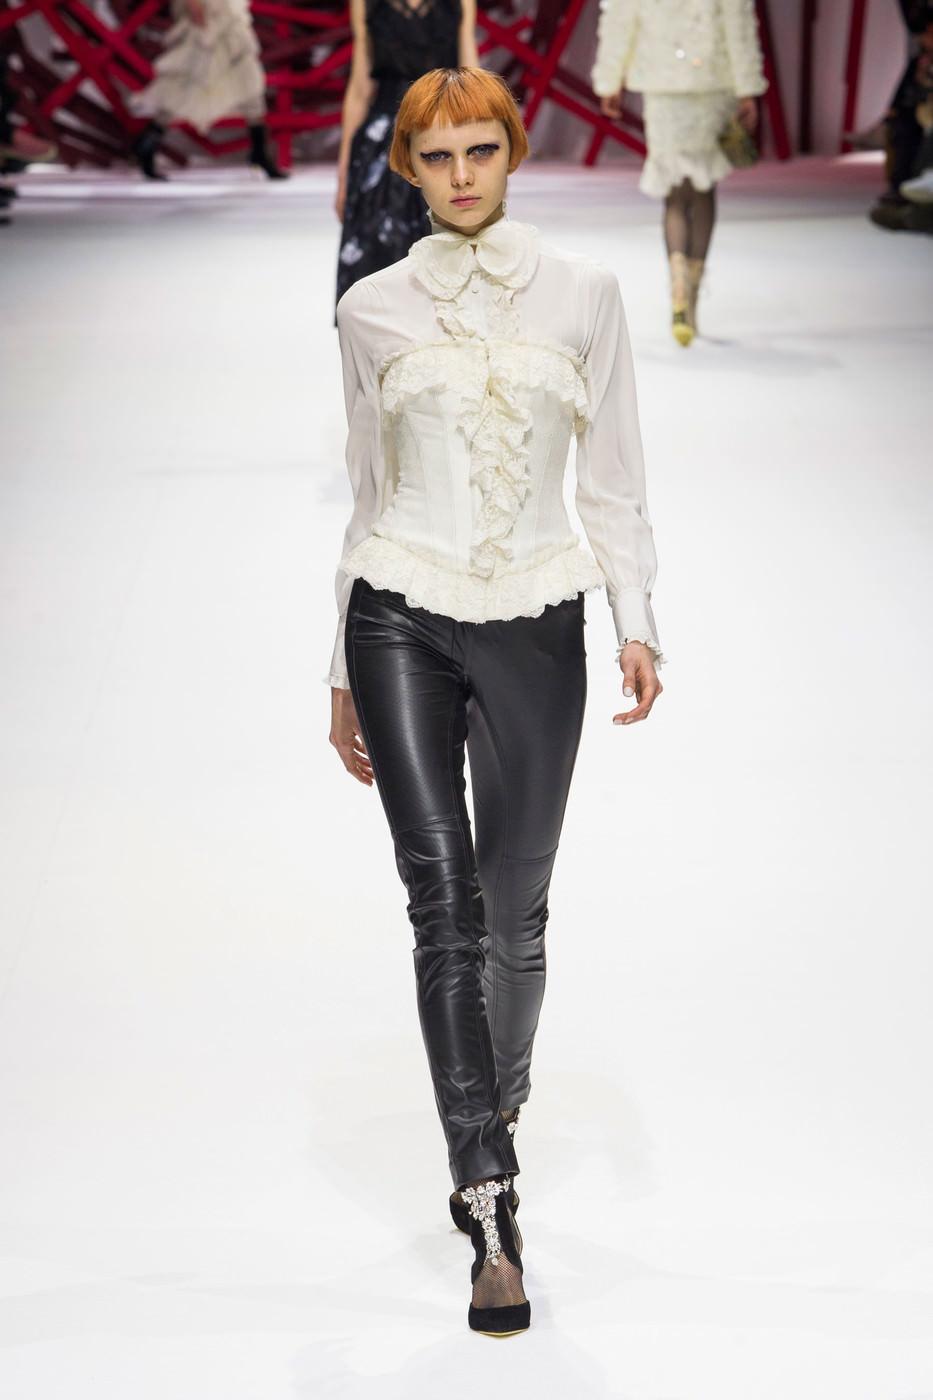 Белая Блузка Модная 2017